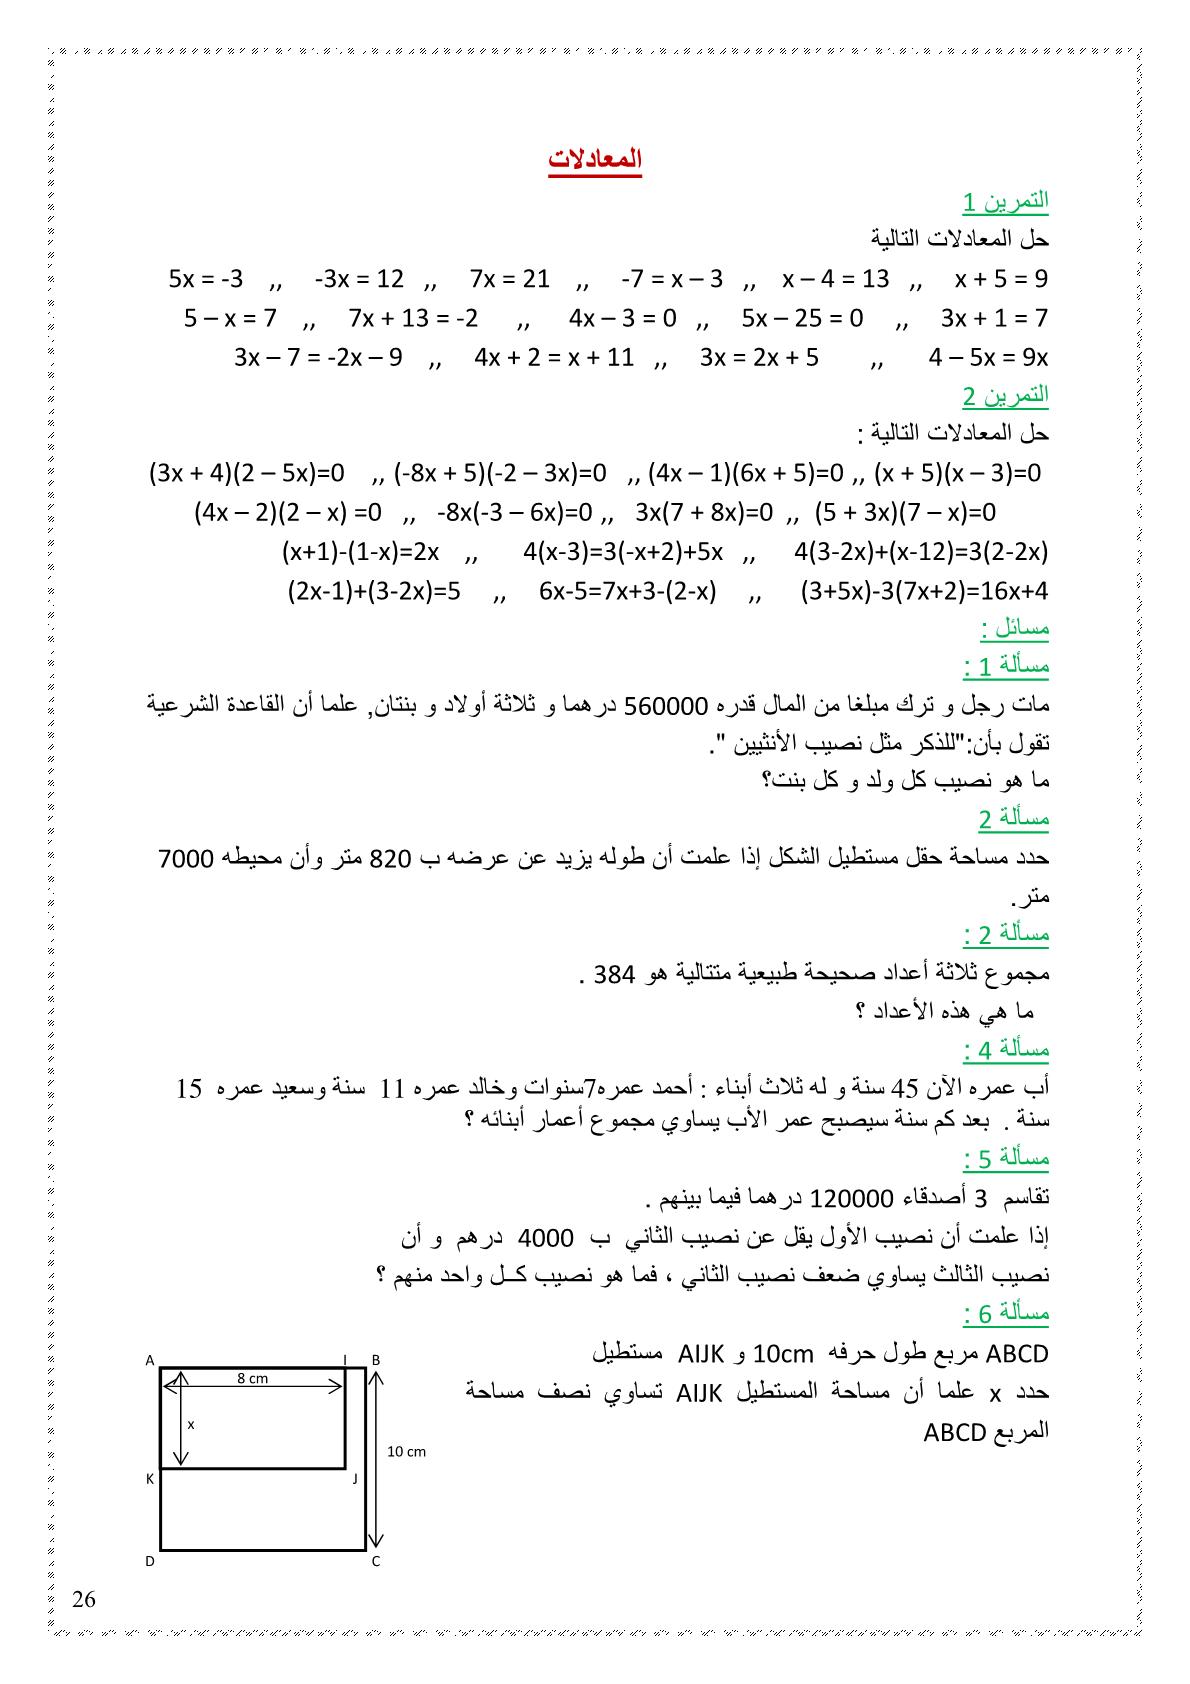 تمارين المعادلات مادة الرياضيات للسنة الاولى اعدادي